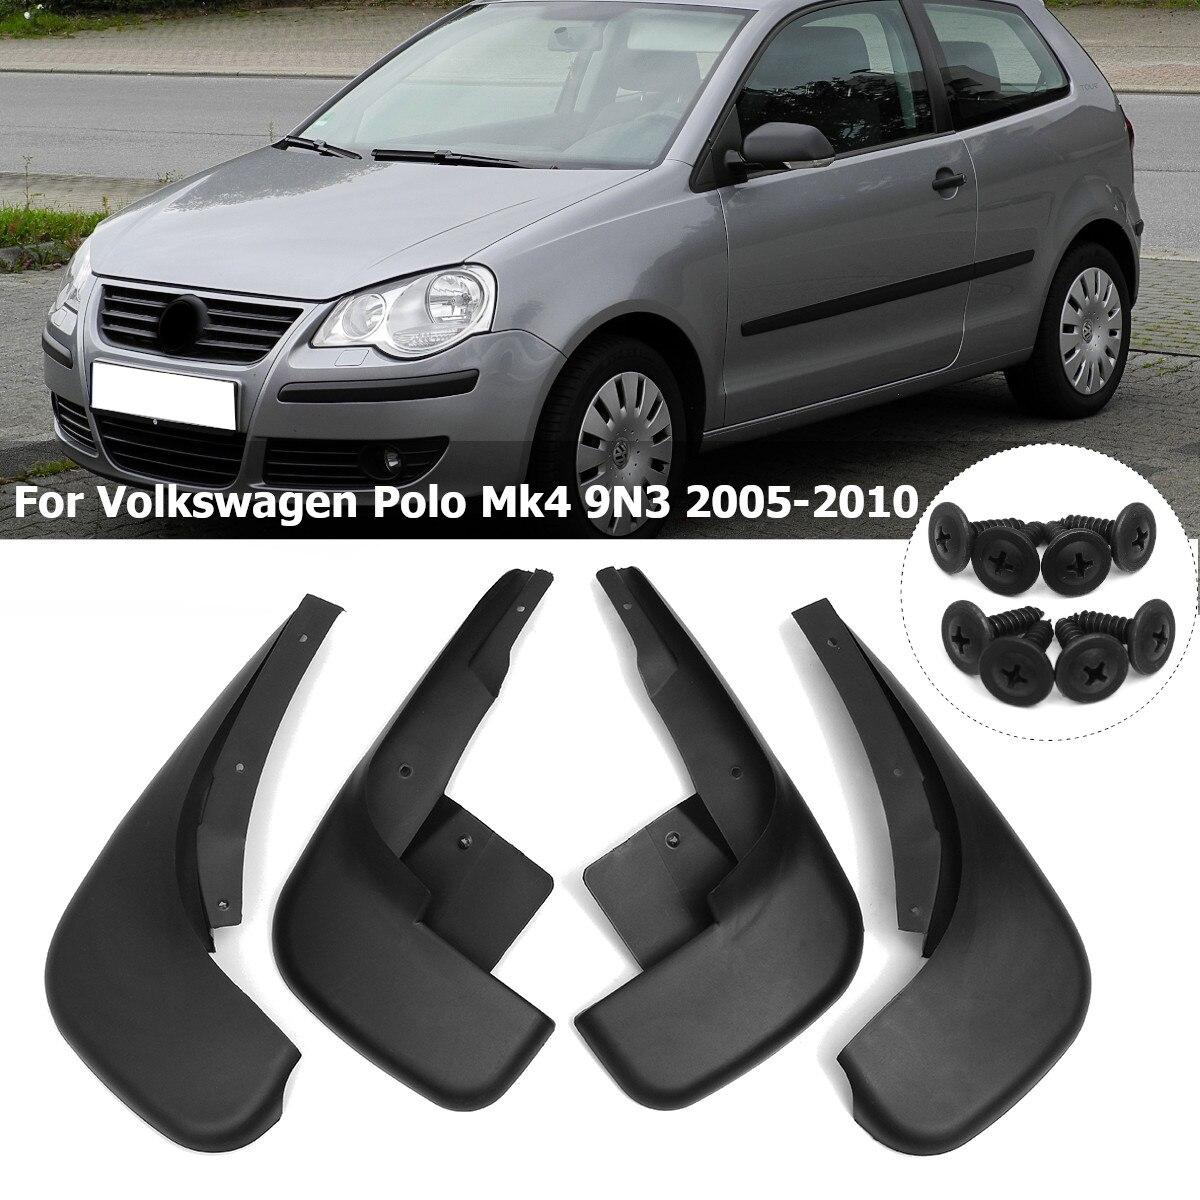 اللوحات الطين ل VW Polo Mk4 9N3 2005-2009 سيارة درابزين سبلاش الحرس الجبهة واقِ الطين الخلفي Mudflaps اكسسوارات